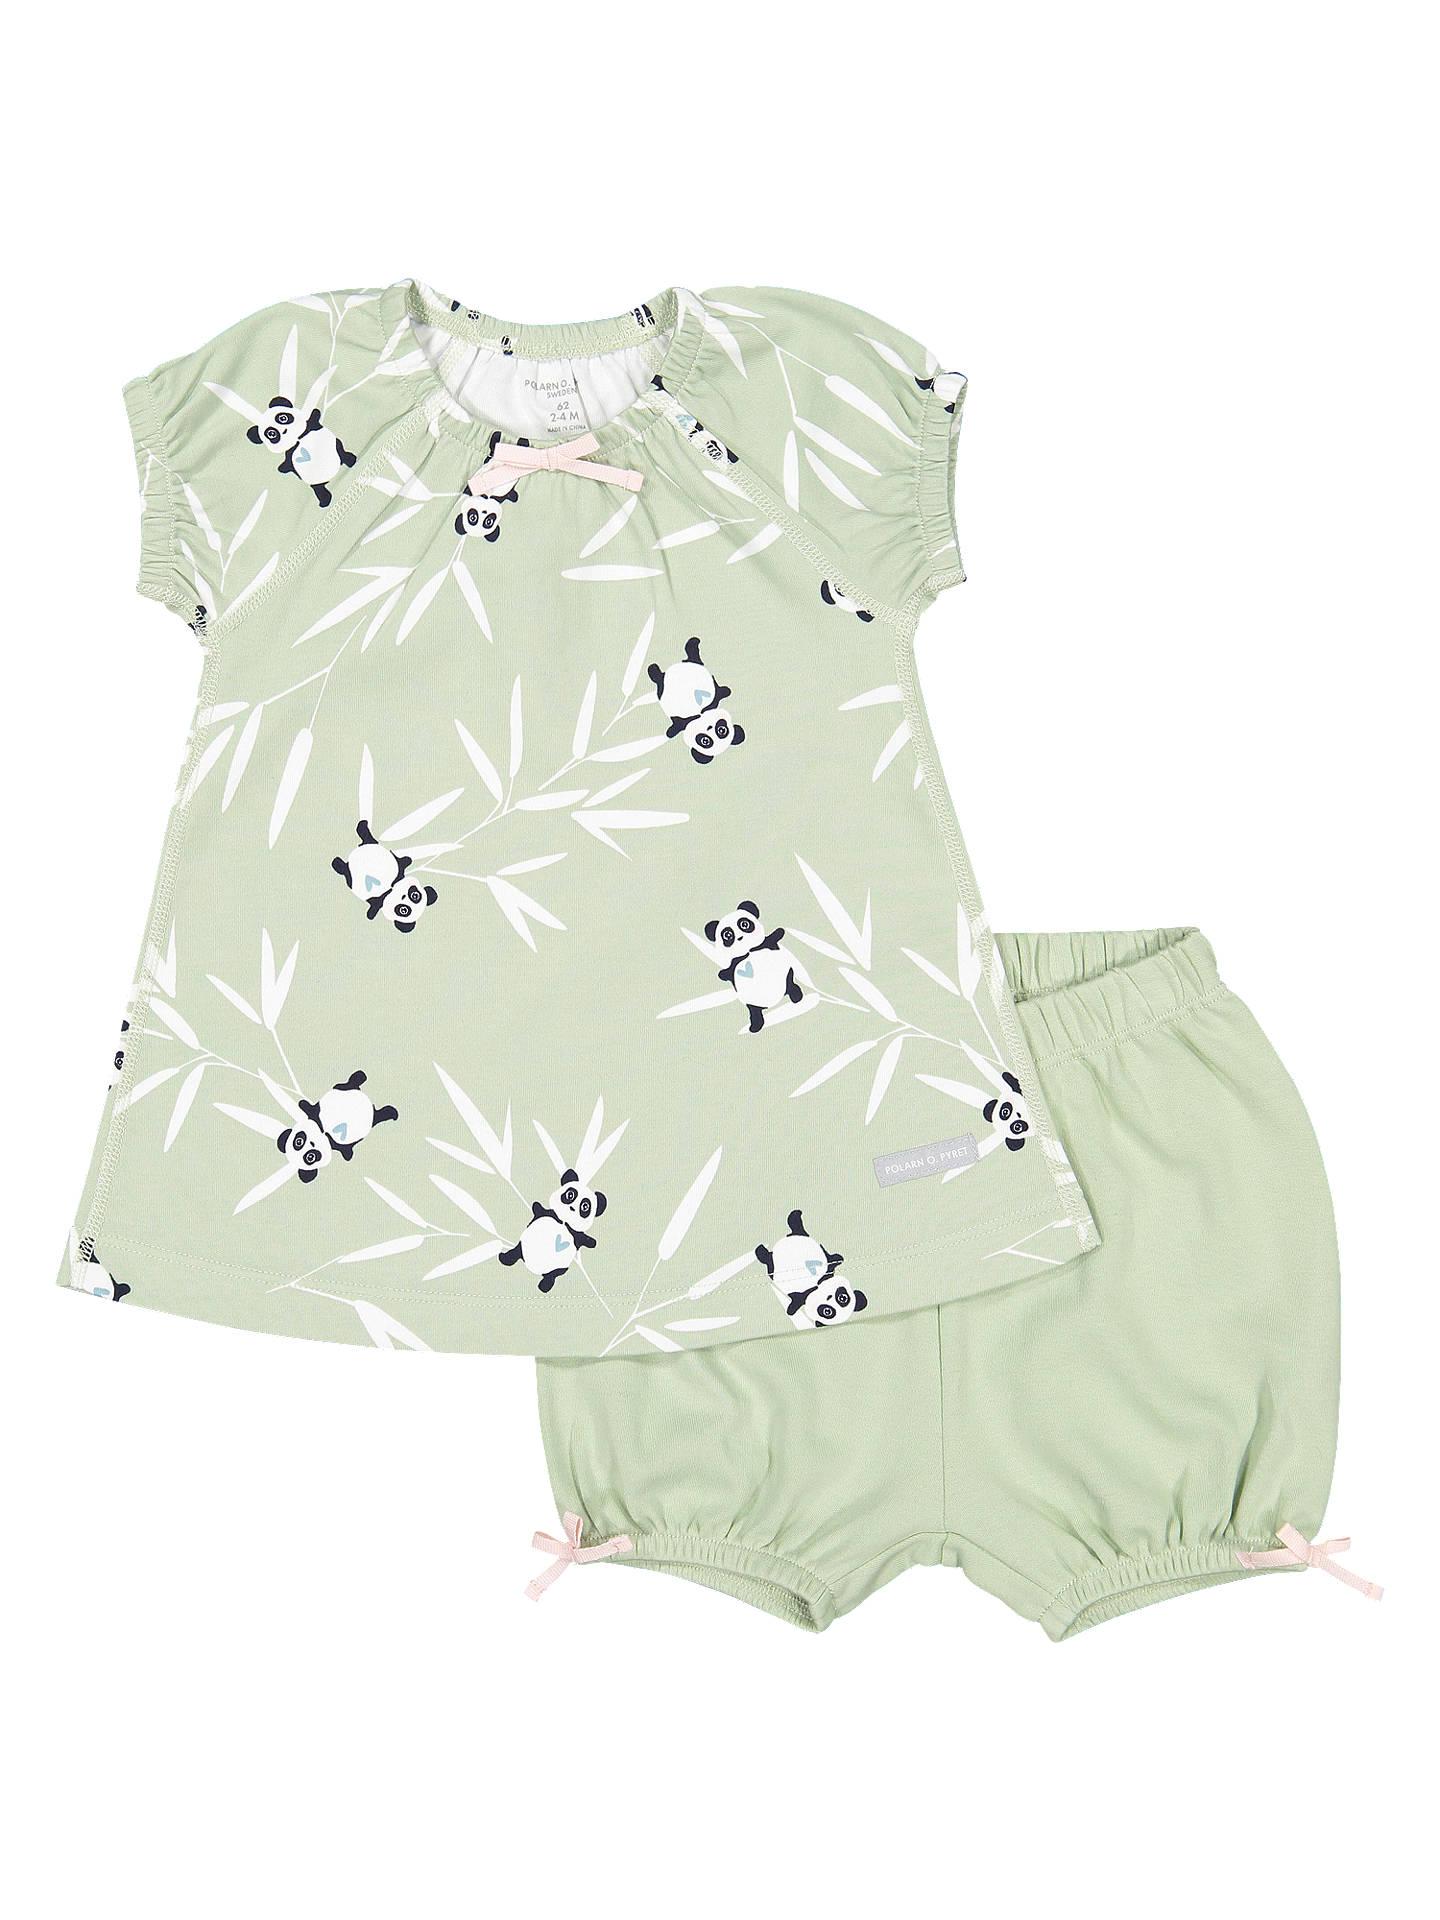 Polarn O. Pyret Baby Panda Top and Shorts Set, Green at John Lewis ...